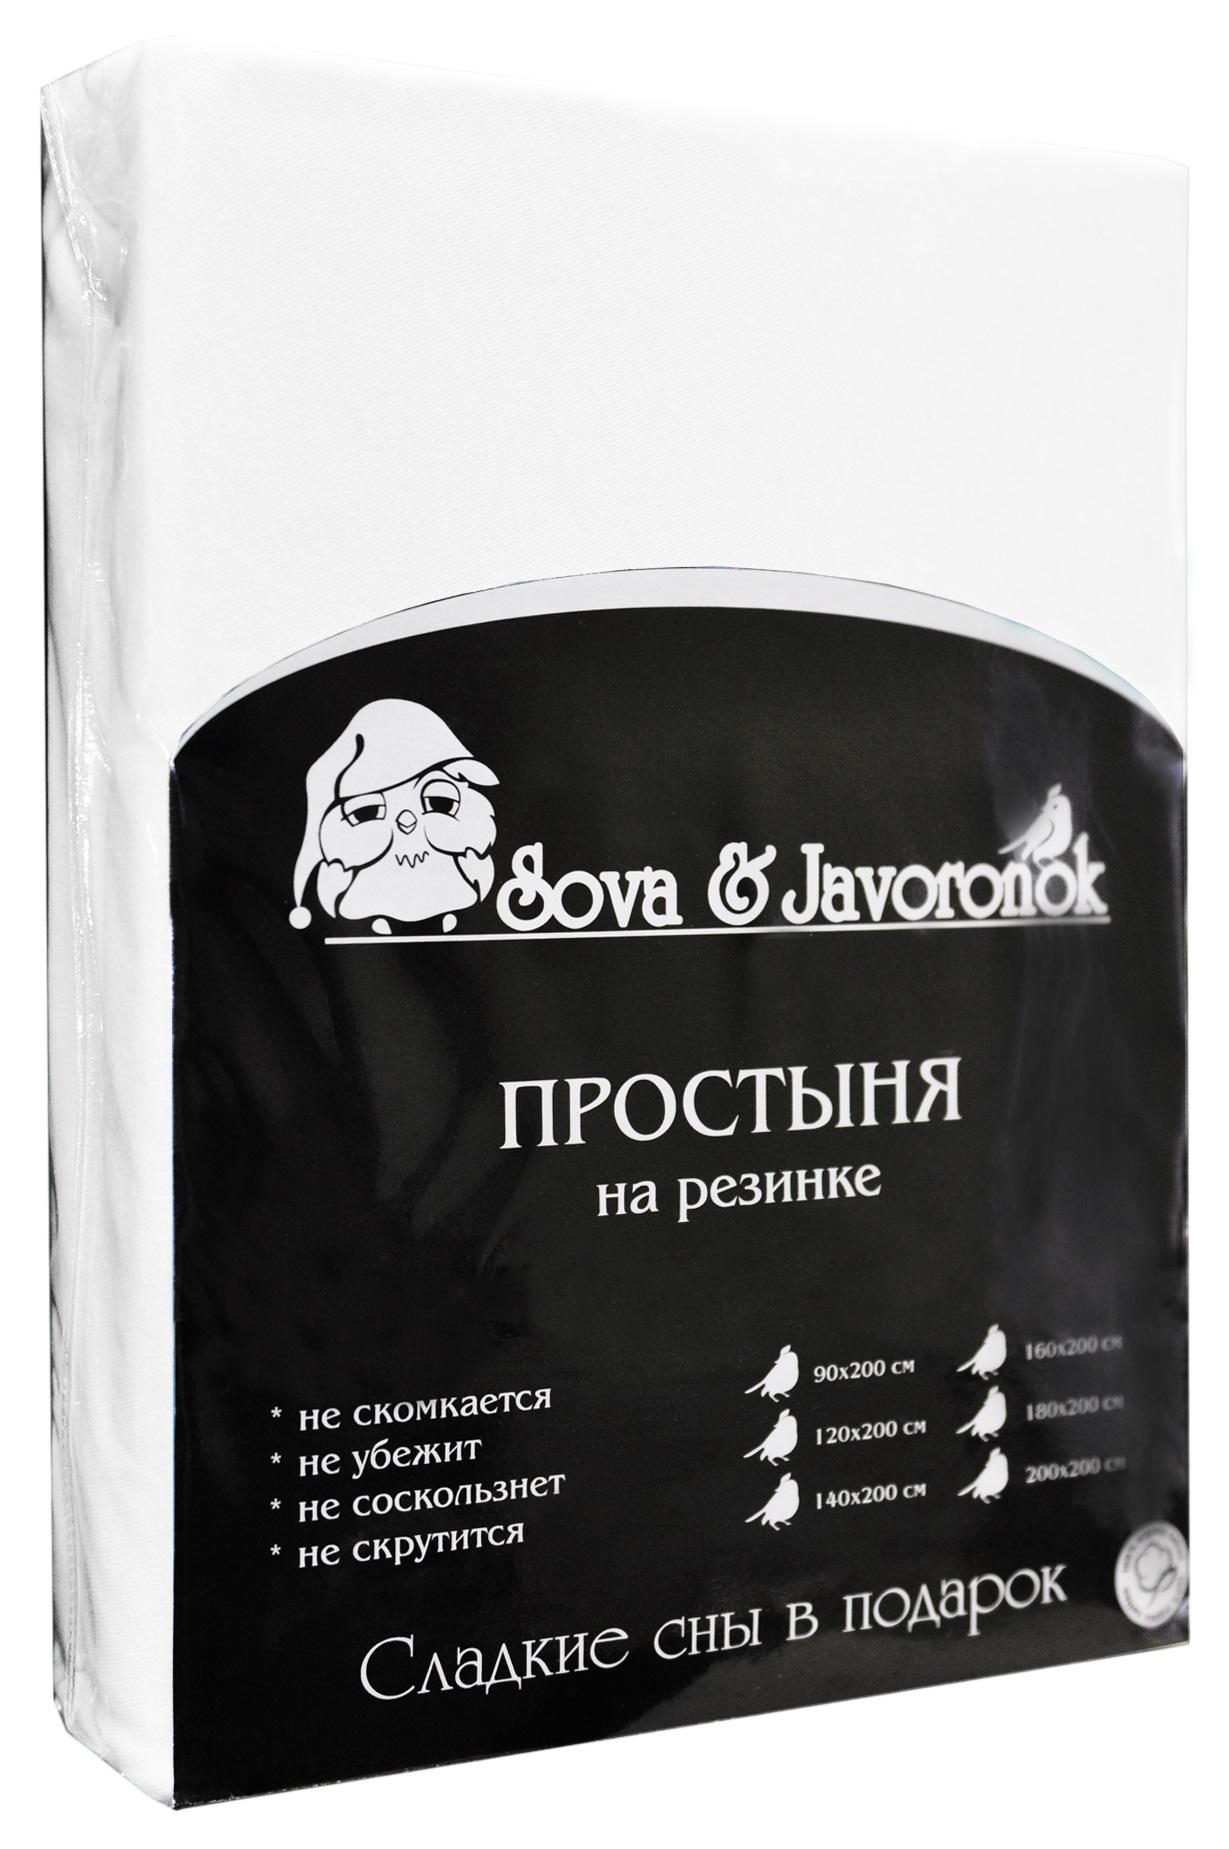 Простыня на резинке Sova & Javoronok, цвет: белый, 90 х 200 см0803113928Простыня на резинке Sova & Javoronok, изготовленная из трикотажной ткани (100% хлопок), будет превосходно смотреться с любыми комплектами белья. Хлопчатобумажный трикотаж по праву считается одним из самых качественных, прочных и при этом приятных на ощупь. Его гигиеничность позволяет использовать простыню и в детских комнатах, к тому же 100%-ый хлопок в составе ткани не вызовет аллергии. У трикотажного полотна очень интересная структура, немного рыхлая за счет отсутствия плотного переплетения нитей и наличия особых петель, благодаря этому простыня Сова и Жаворонок отлично пропускает воздух и способствует его постоянной циркуляции. Поэтому ваша постель будет всегда оставаться свежей. Но главное и, пожалуй, самое известное свойство трикотажа - это его великолепная растяжимость, поэтому эта ткань и была выбрана для натяжной простыни на резинке.Простыня прошита резинкой по всему периметру, что обеспечивает более комфортный отдых, так как она прочно удерживается на матрасе и избавляет от необходимости часто поправлять простыню.